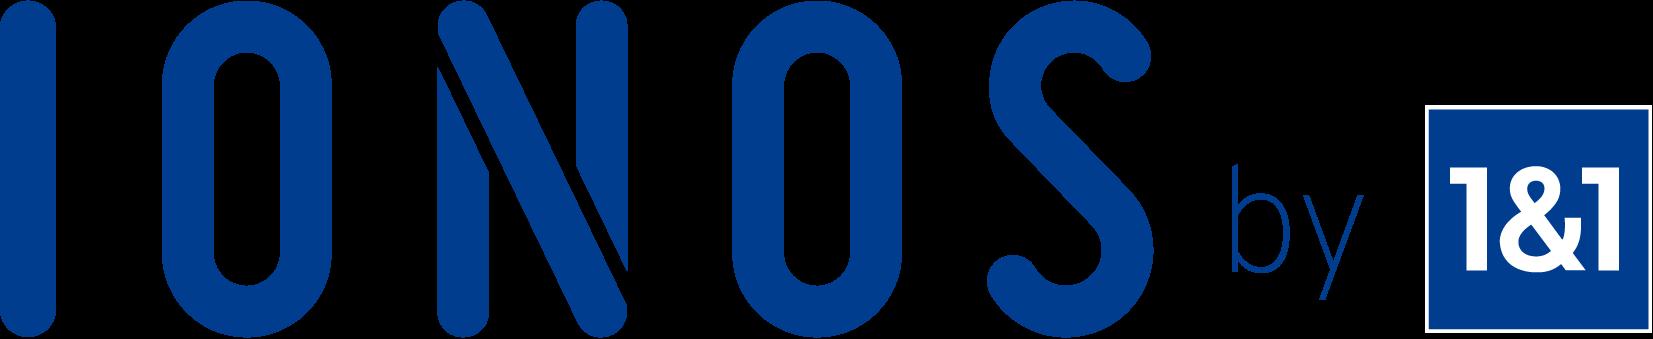 Axoloth - partenaire de IONOS by 1&1